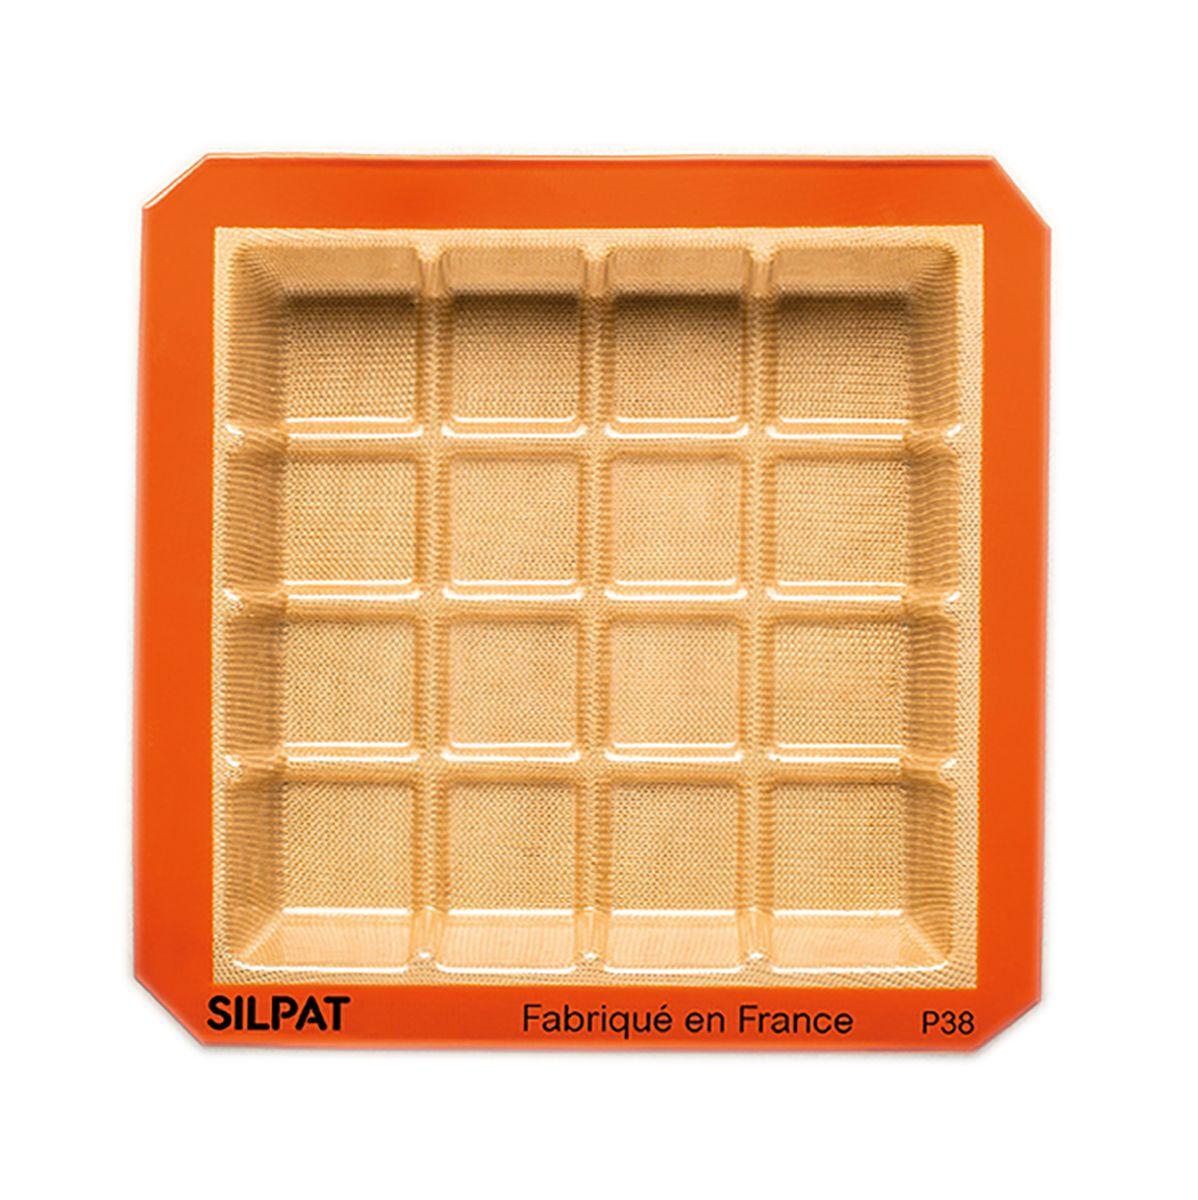 Moule tablette en silicone et fibre de verre 21 x 21 cm - Silpat